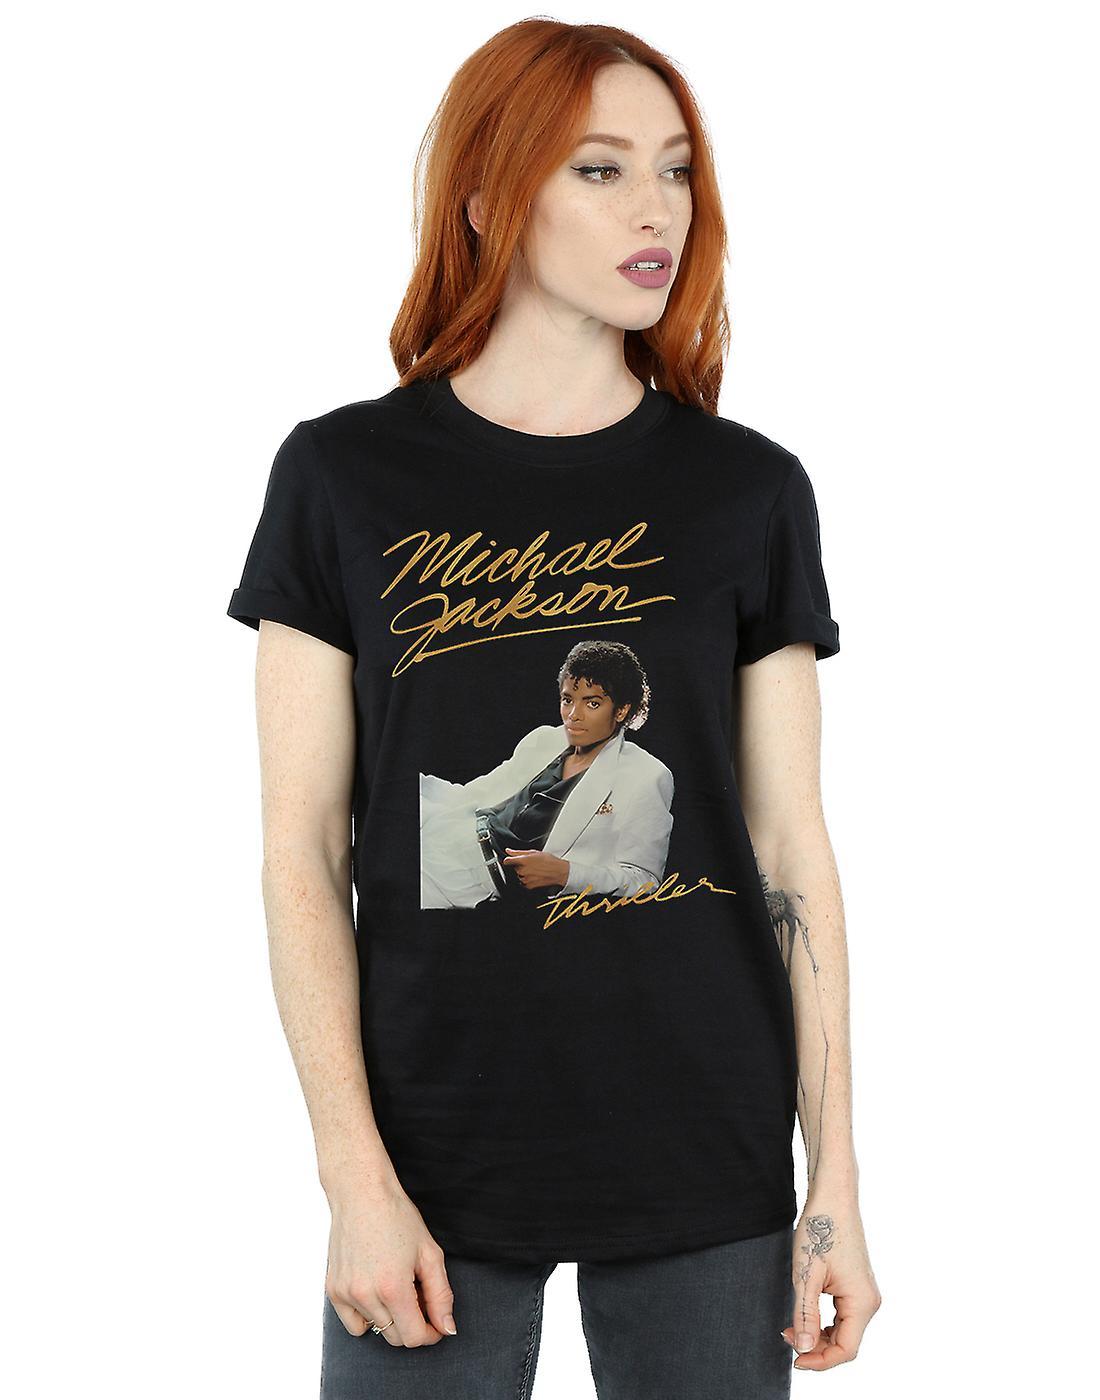 Michael Jackson Women's Thriller Album Boyfriend Fit T-Shirt